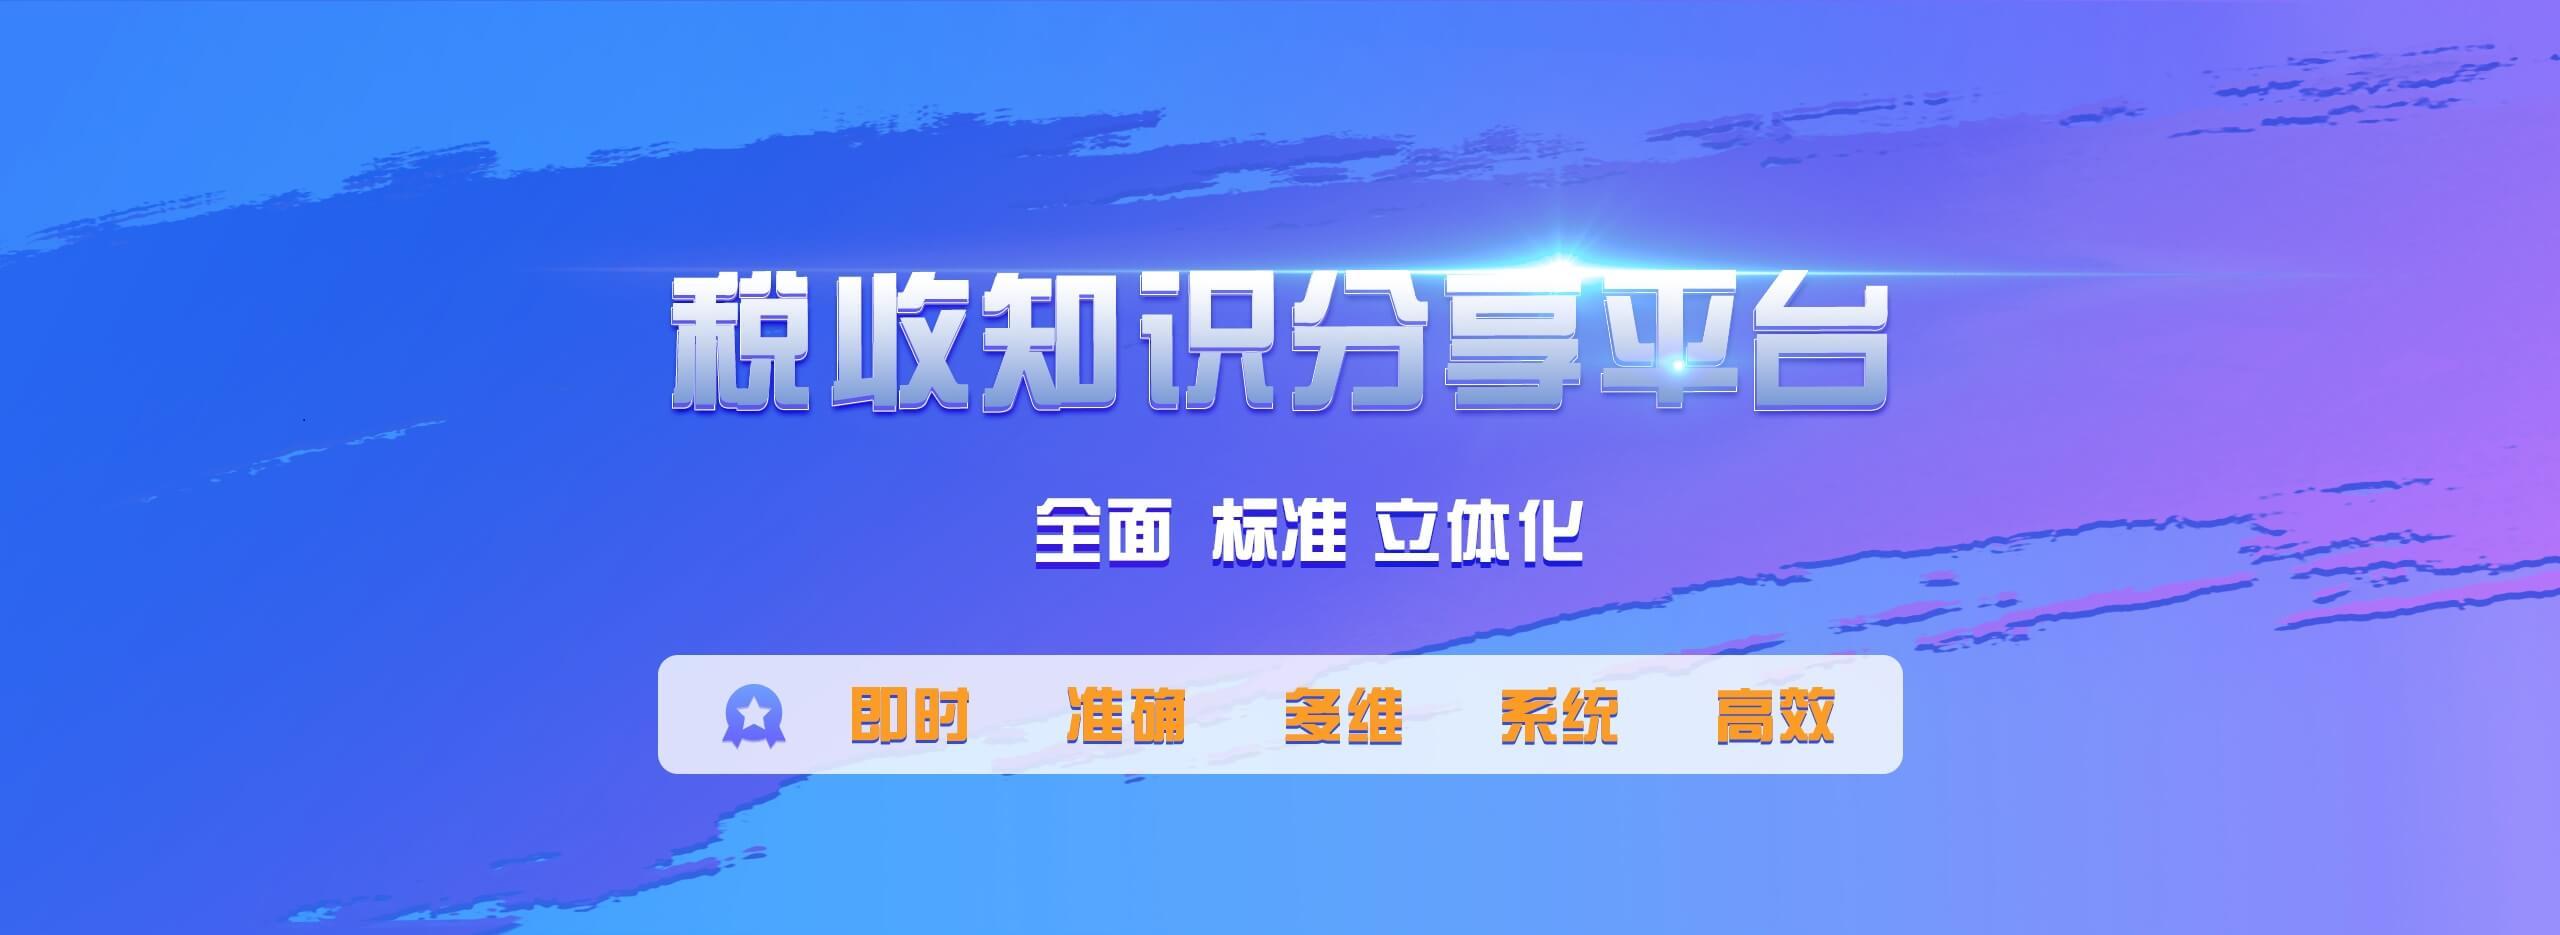 花瓣儿财税banner1